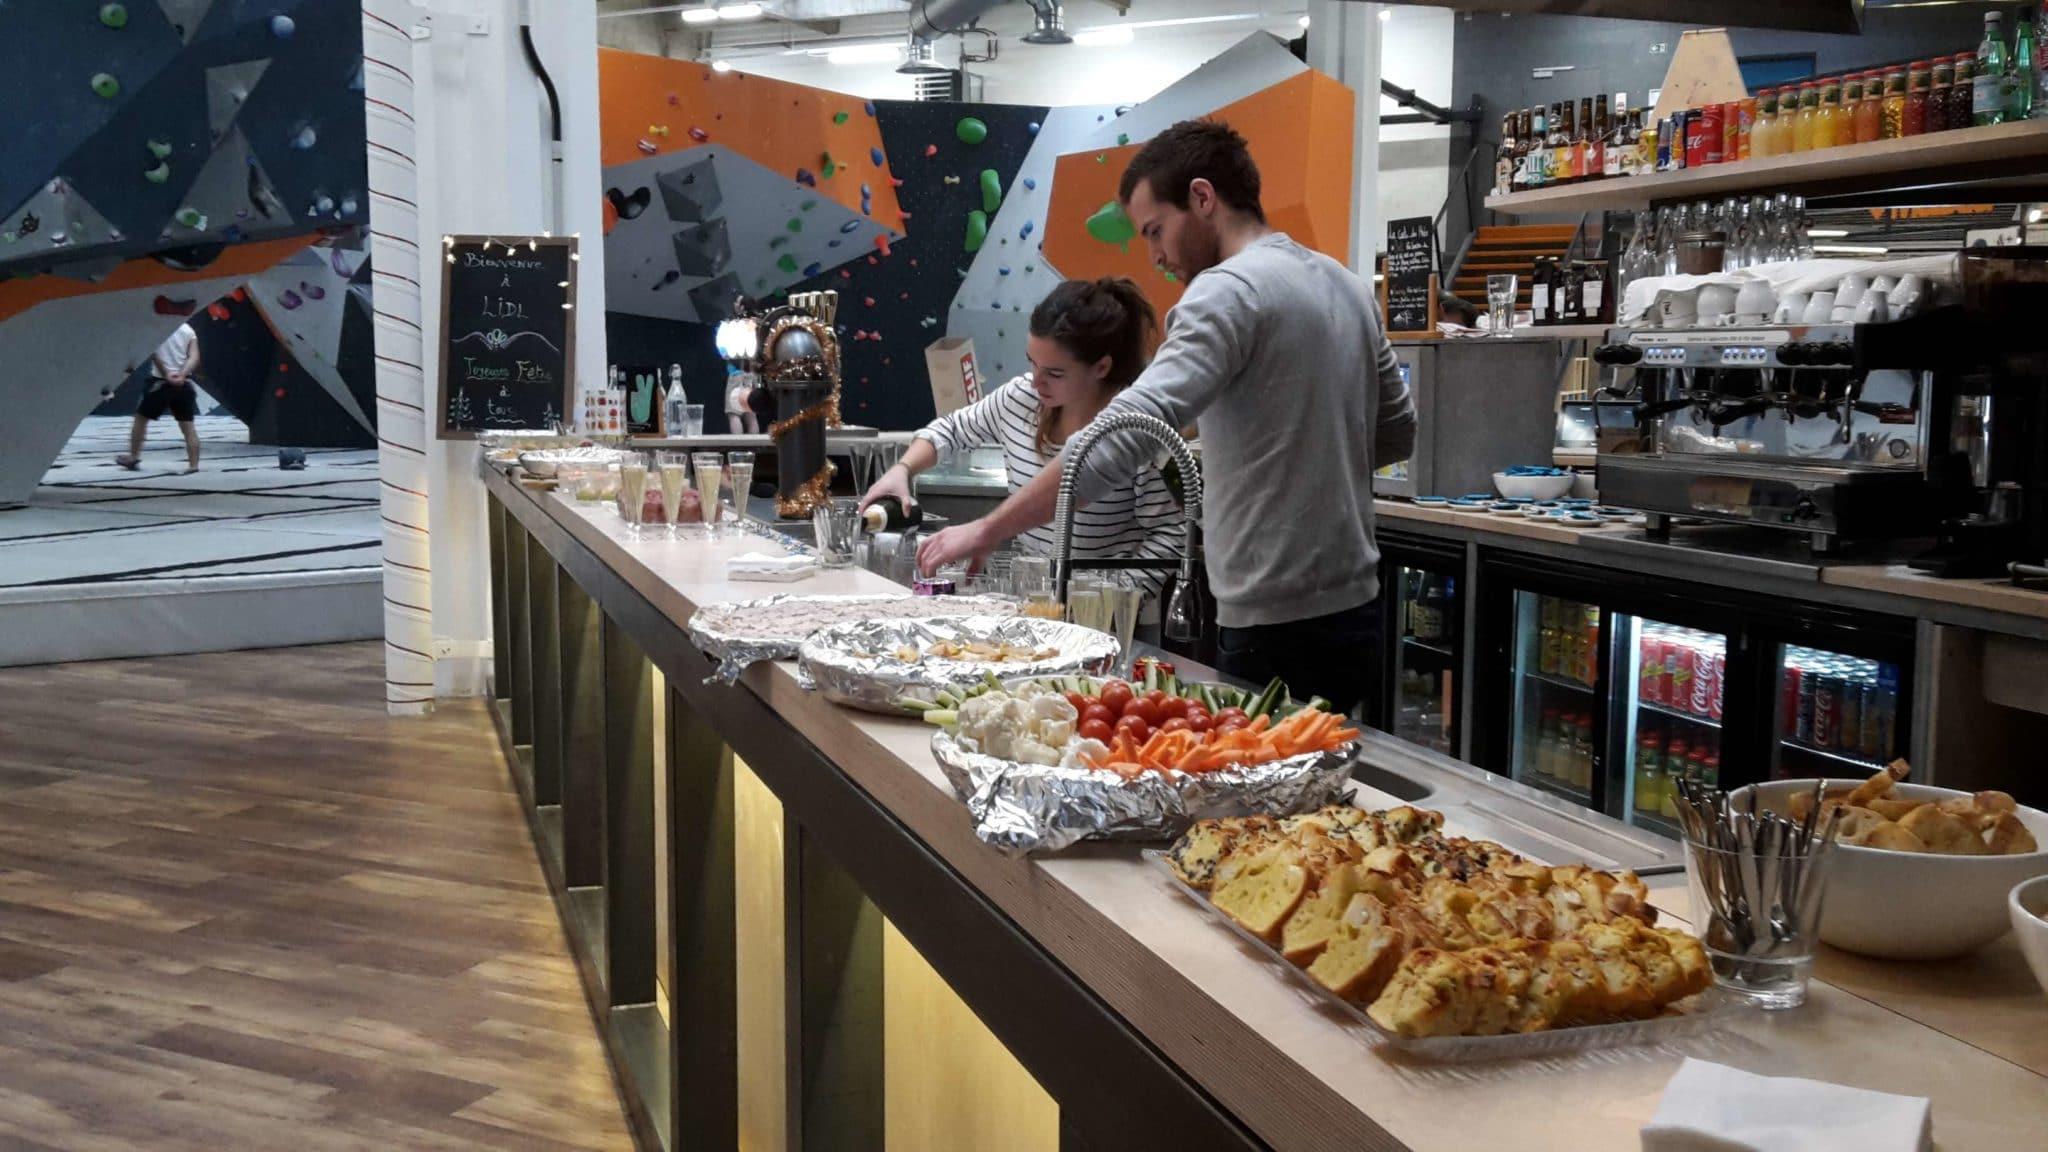 CSE - comité d'entreprise - évènementiel Vertical'Art rungis - salle d'escalade de bloc - restaurant et bar - produits frais et locaux